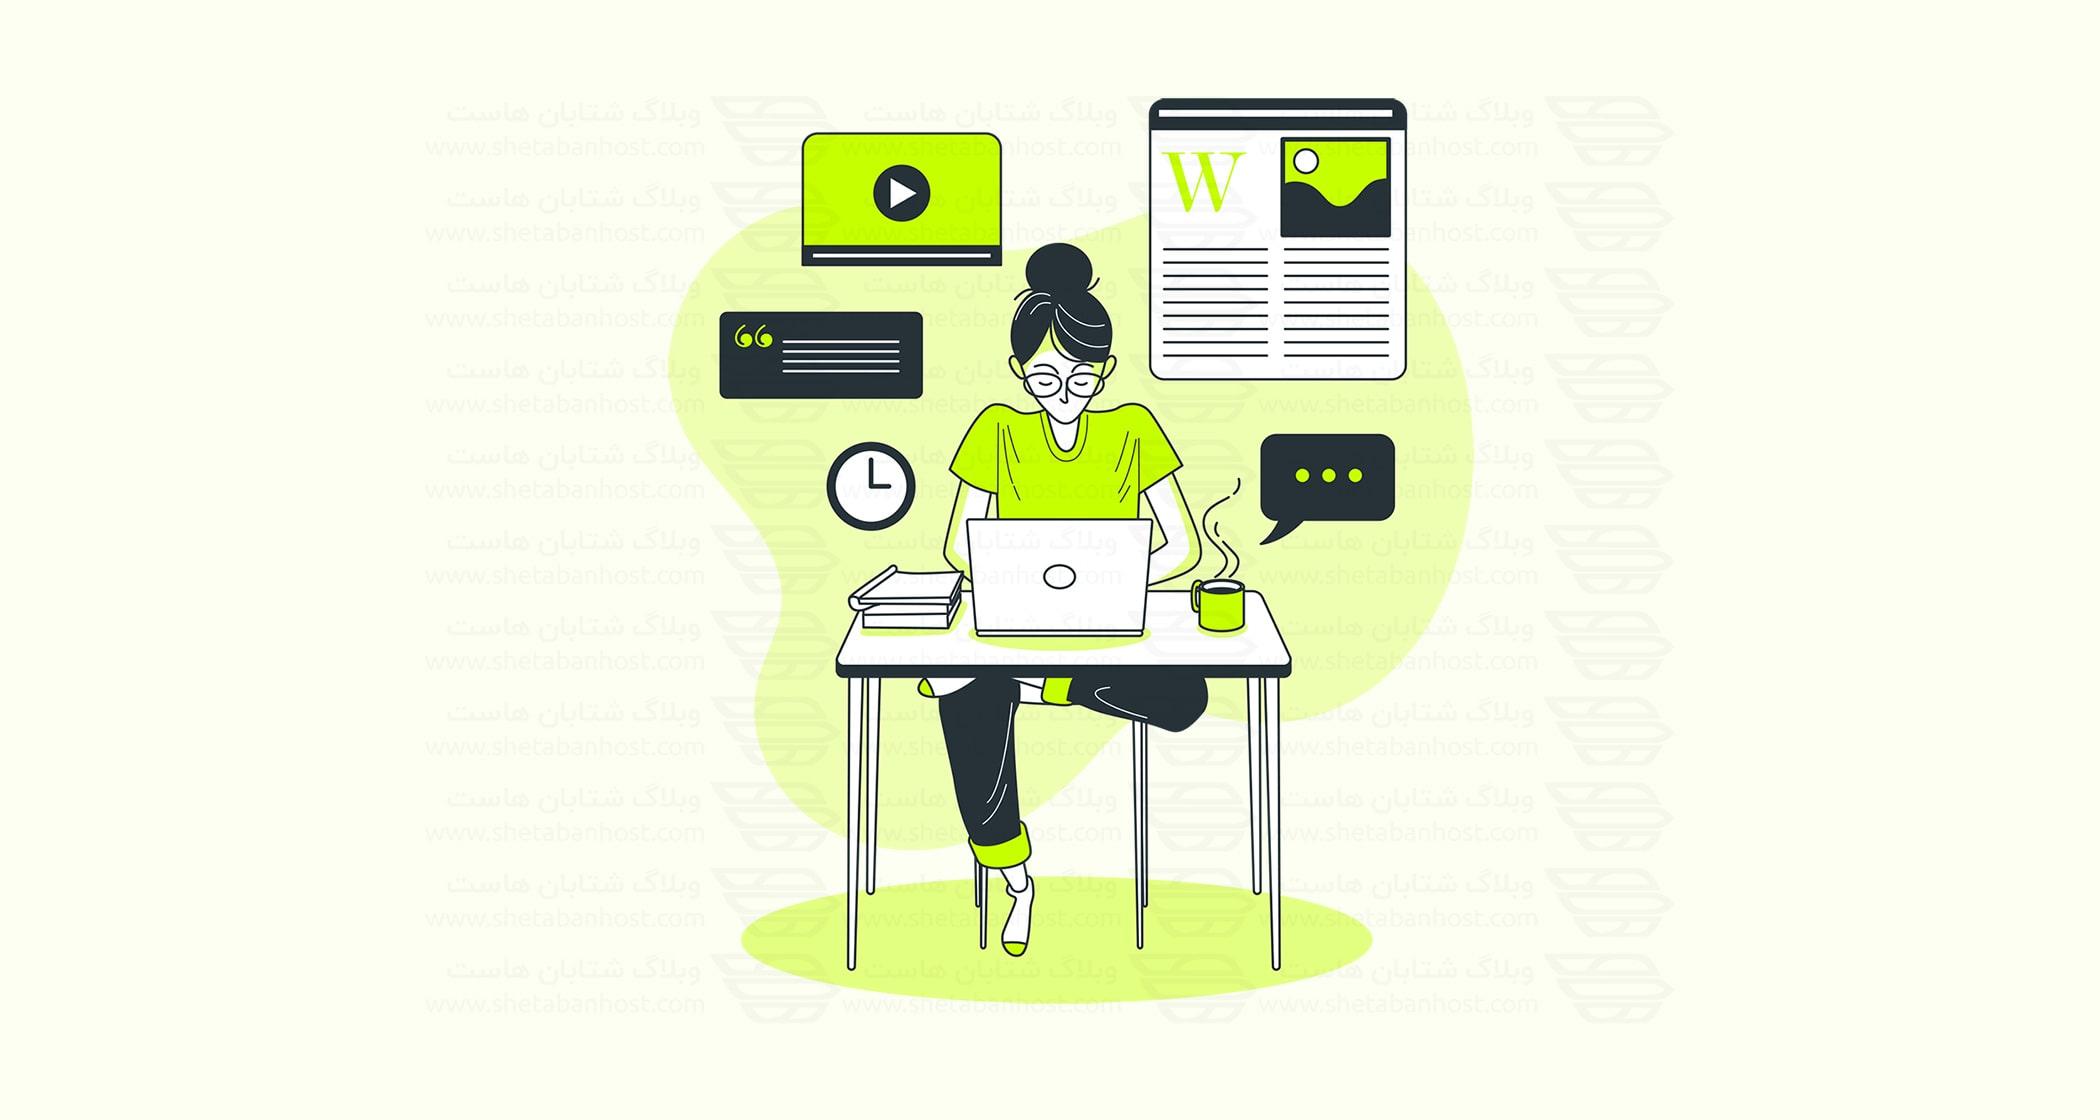 یک پست وبلاگ عالی در ۵ مرحله هوشمندانه